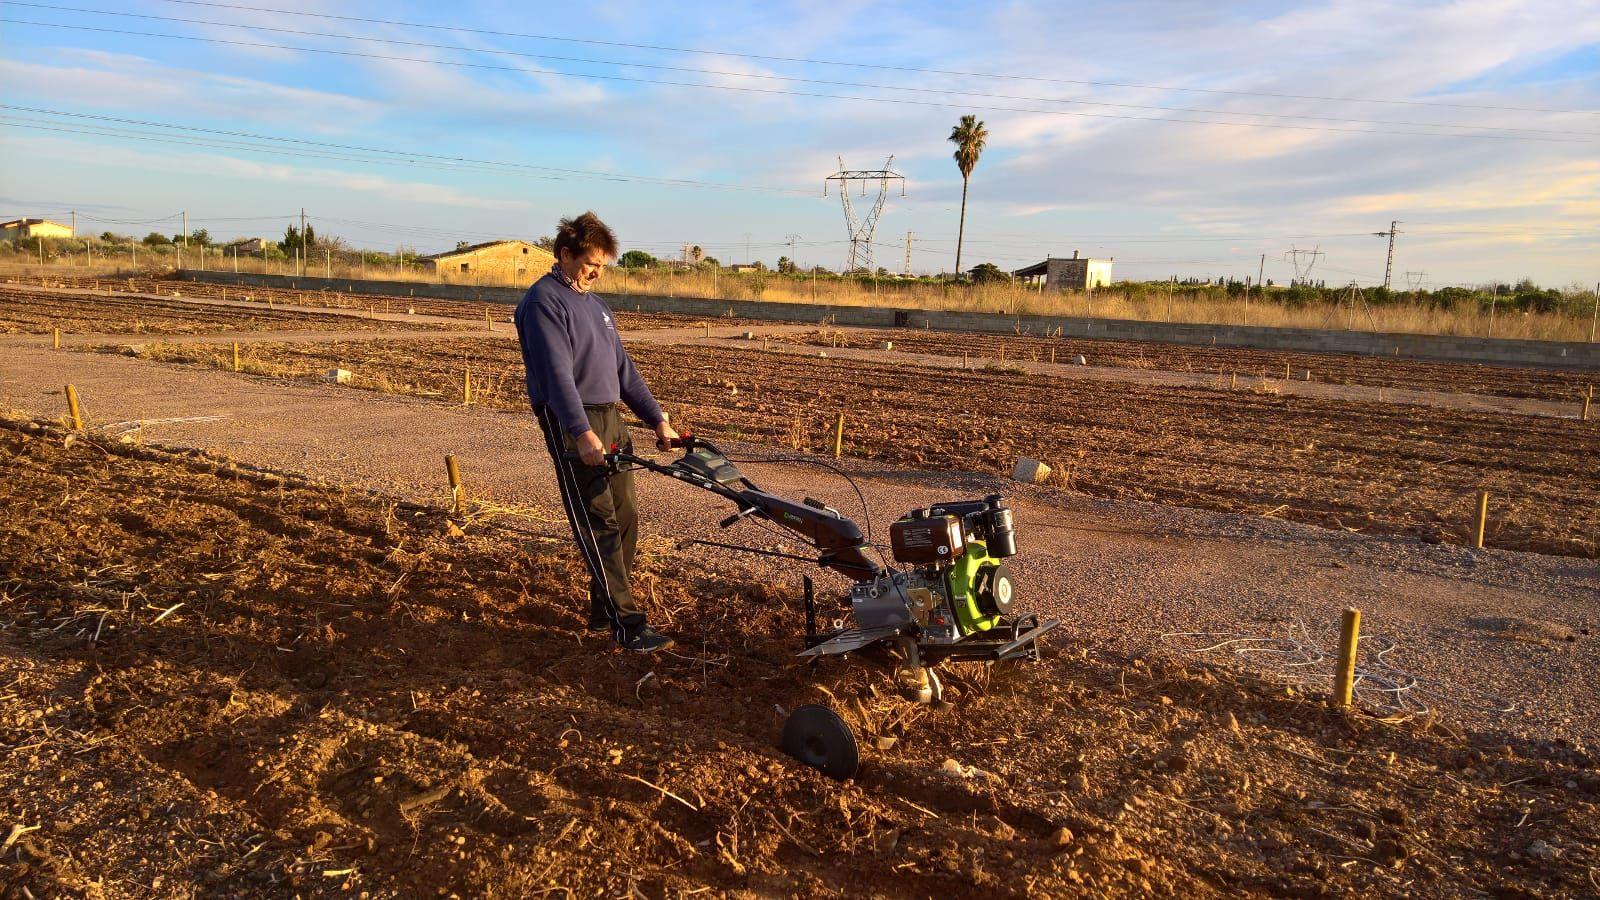 Sustentabilidad agroalimentaria y corporativa: ¿Qué hacemos? de Som Custòdia